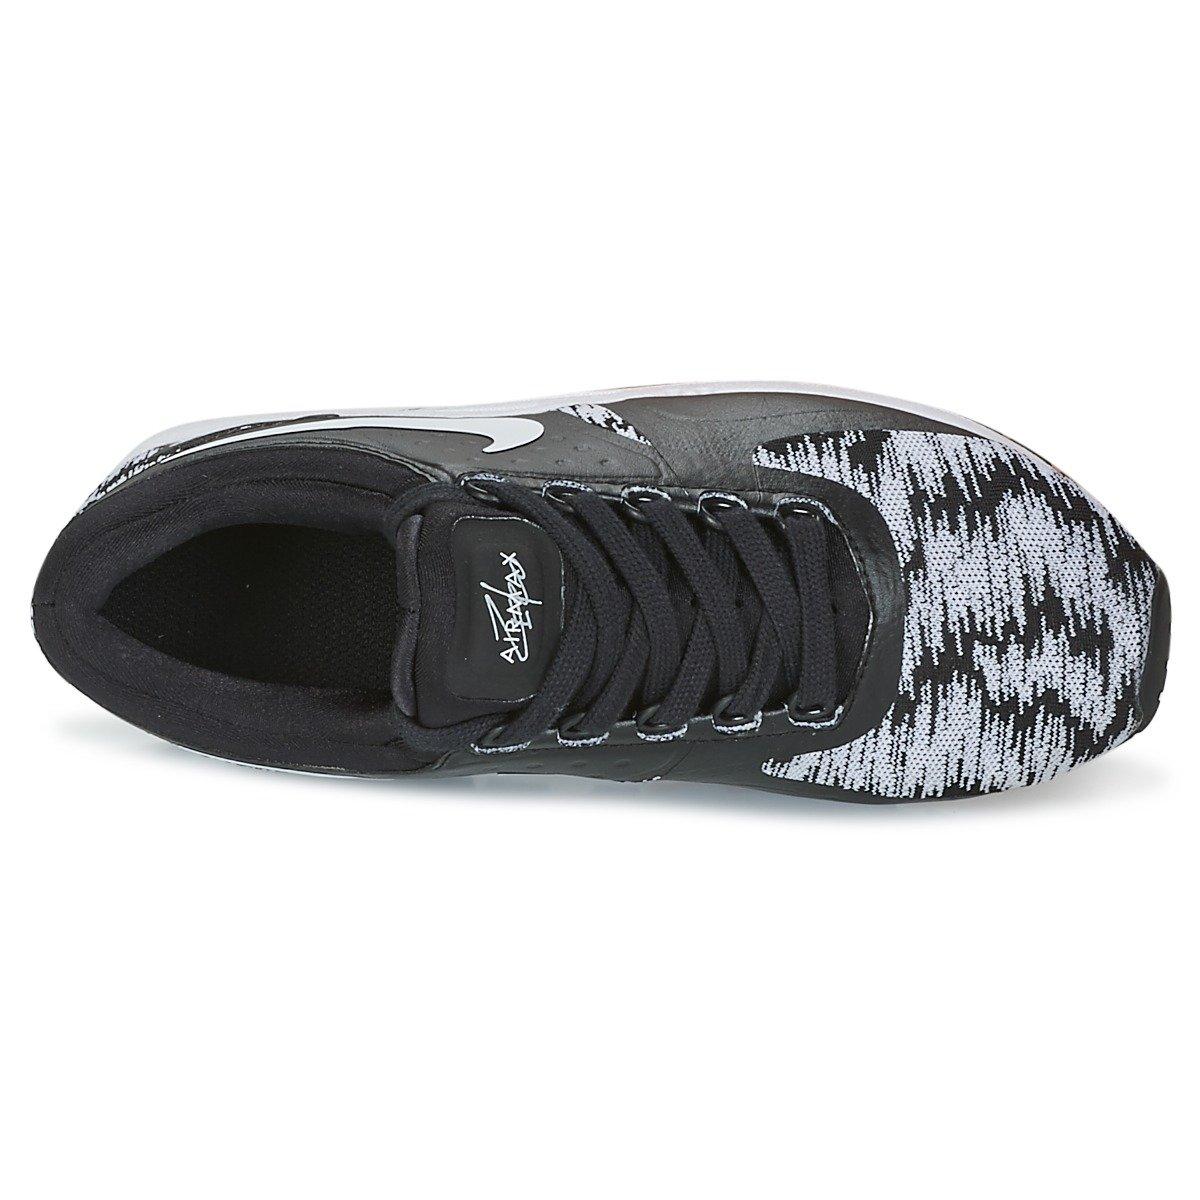 NIKE Air MAX Zero SE (GS) NegroGris: Amazon.es: Zapatos y